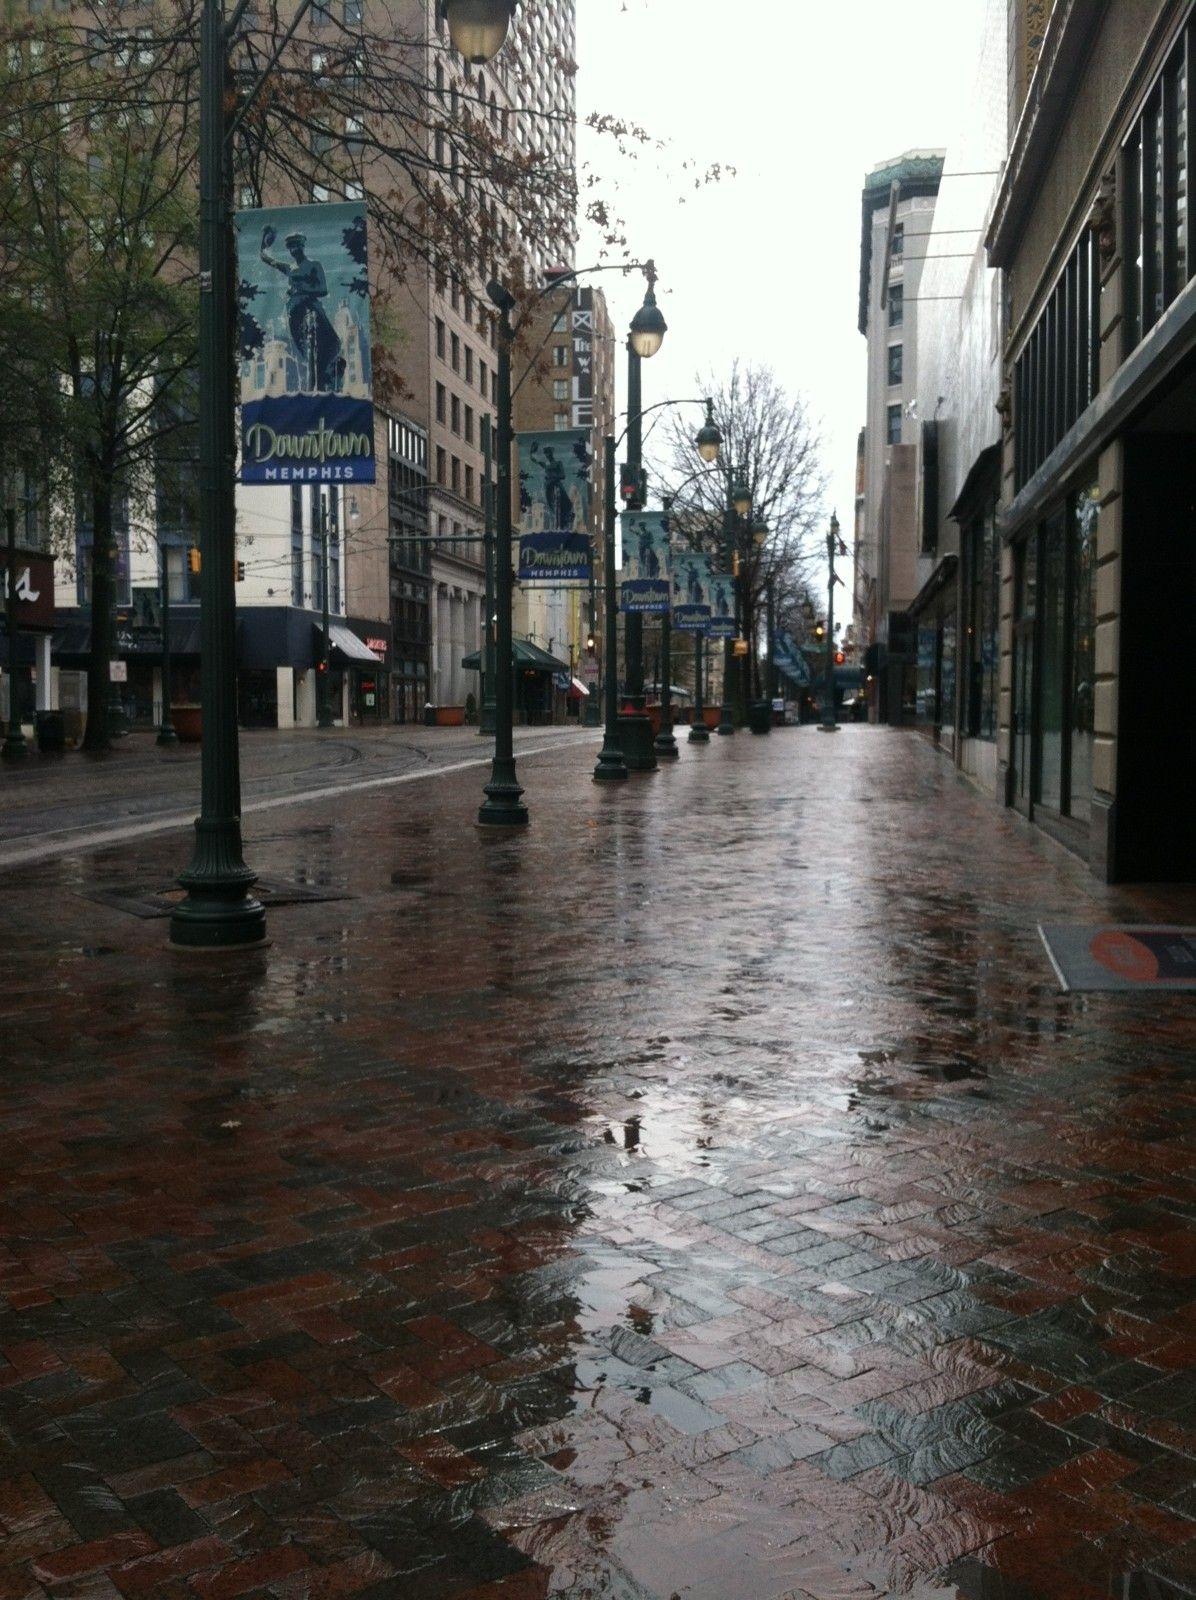 Rainy Streets Pioggia